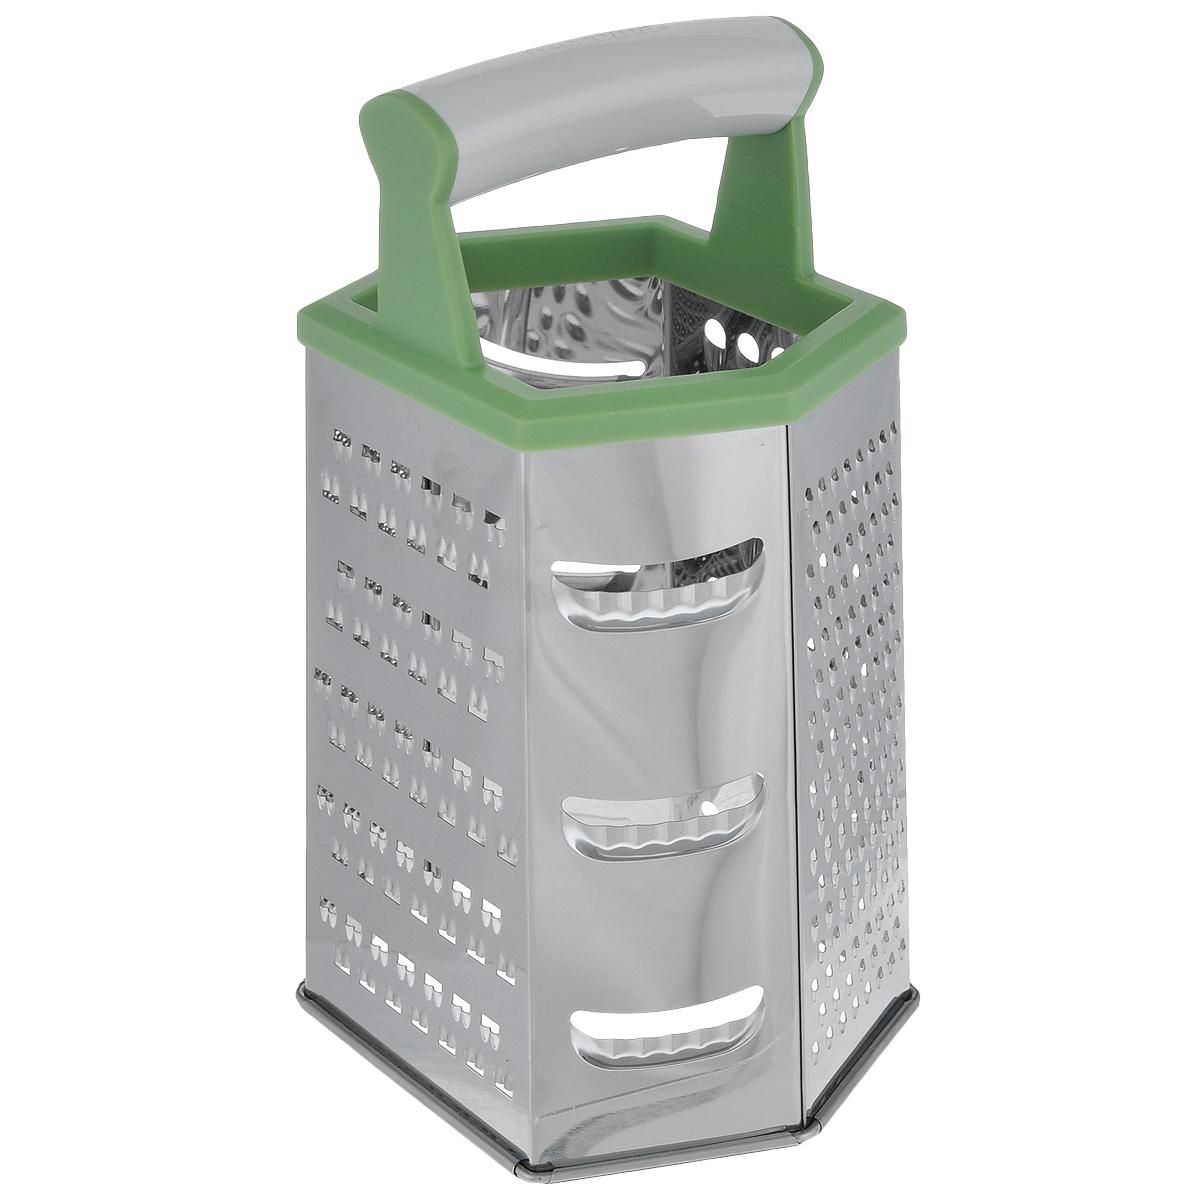 Терка шестигранная Tescoma Handy, цвет: зеленый, высота 22 смBK-5206Шестигранная терка Tescoma Handy, выполненная из высококачественной нержавеющей стали с зеркальной полировкой, станет незаменимым атрибутом приготовления пищи. Сверху на терке расположена удобная пластиковая ручка. Терка замечательна для простого и быстрого измельчения и нарезки продуктов на ломтики. На одном изделии представлены шесть видов терок - крупная, мелкая, терка для овощных пюре, фигурная, шинковка и шинковка фигурная. Современный стильный дизайн позволит терке занять достойное место на вашей кухне.Можно мыть в посудомоечной машине.